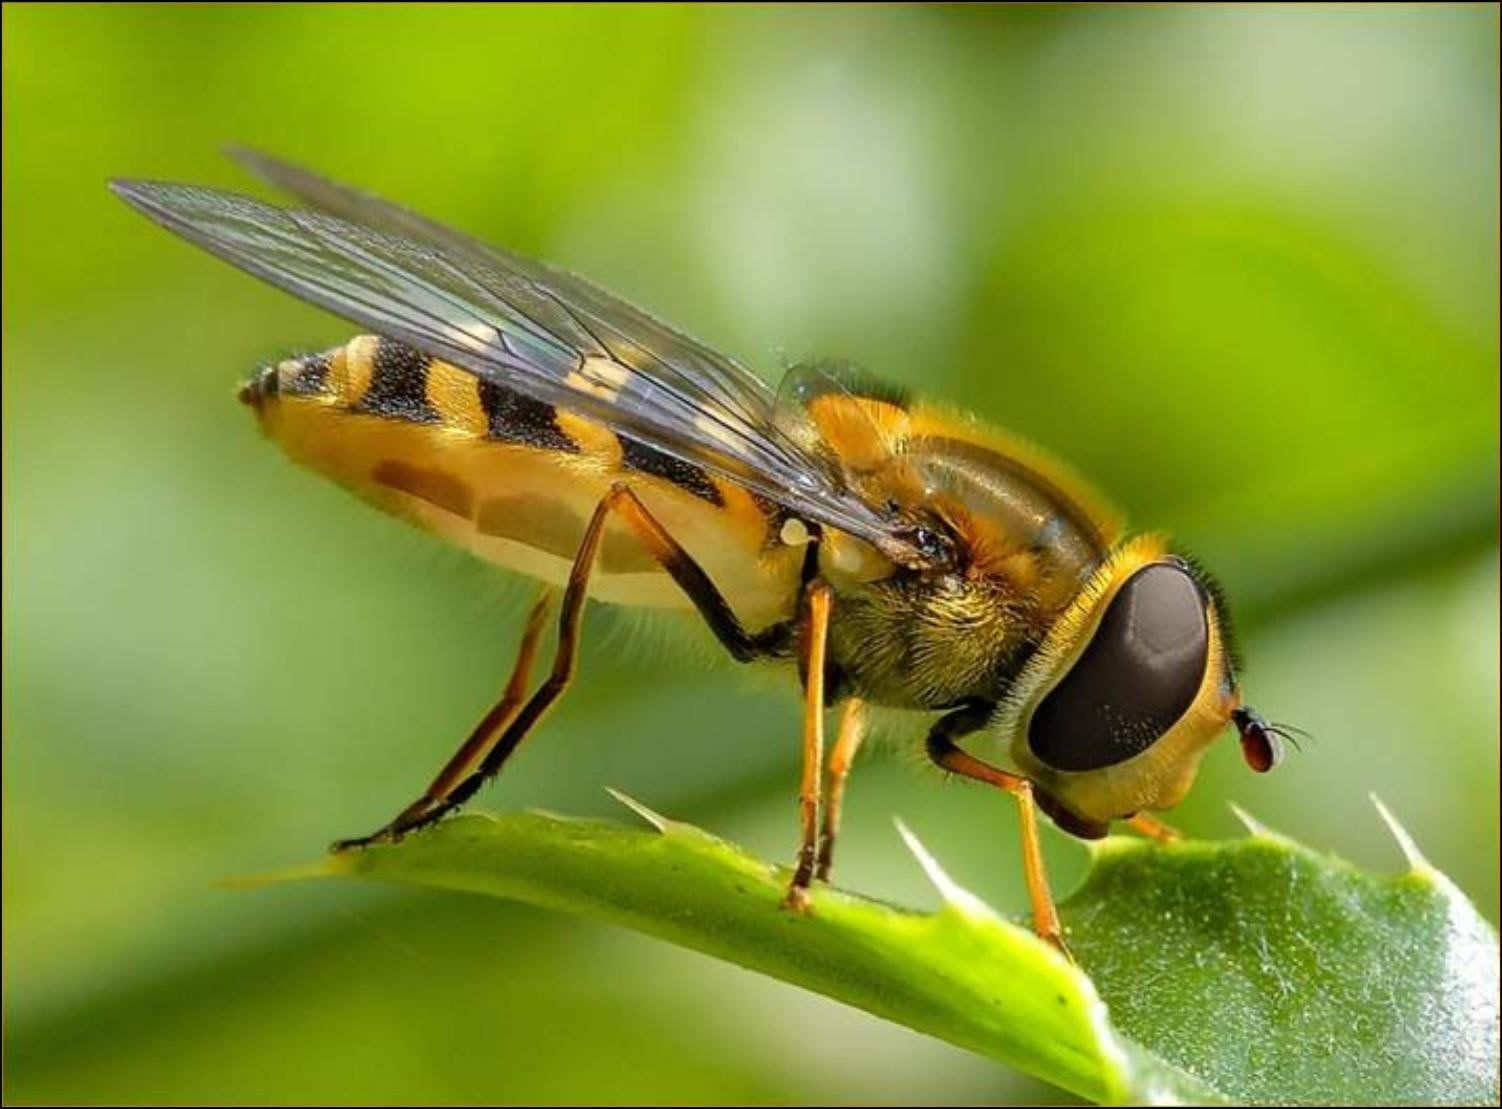 4324 - ¿Serías capaz de relacionar estos insectos con su respectivo orden?